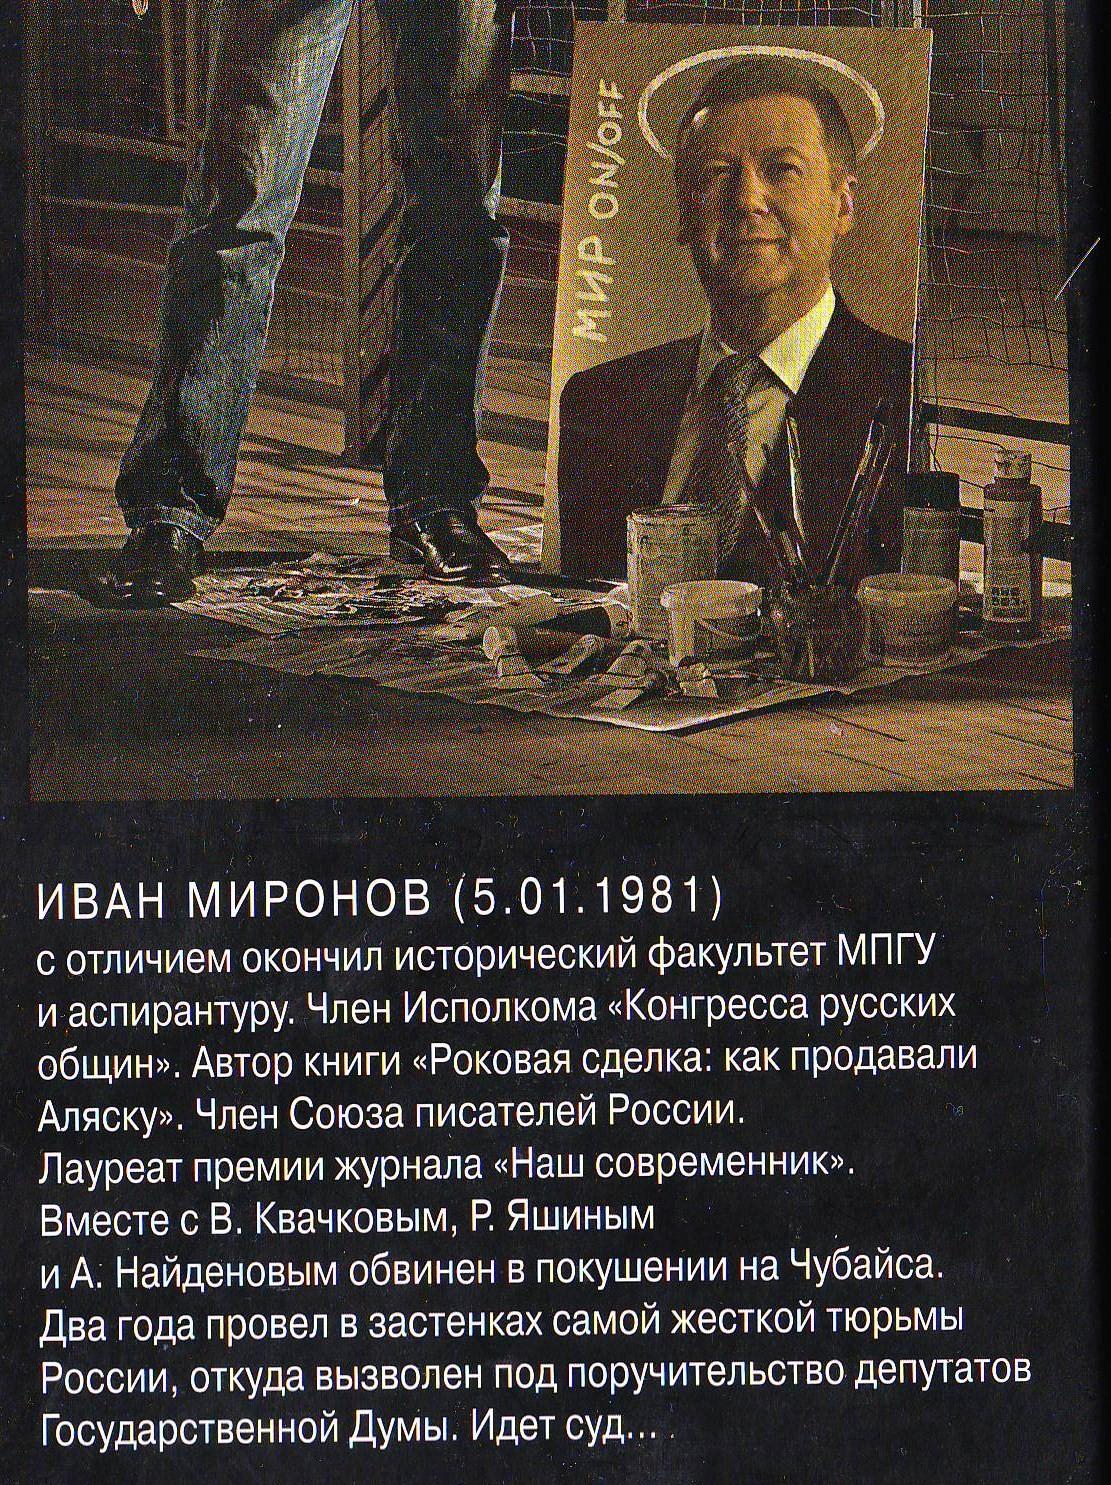 http://pics.livejournal.com/rebeka_r/pic/000a6381